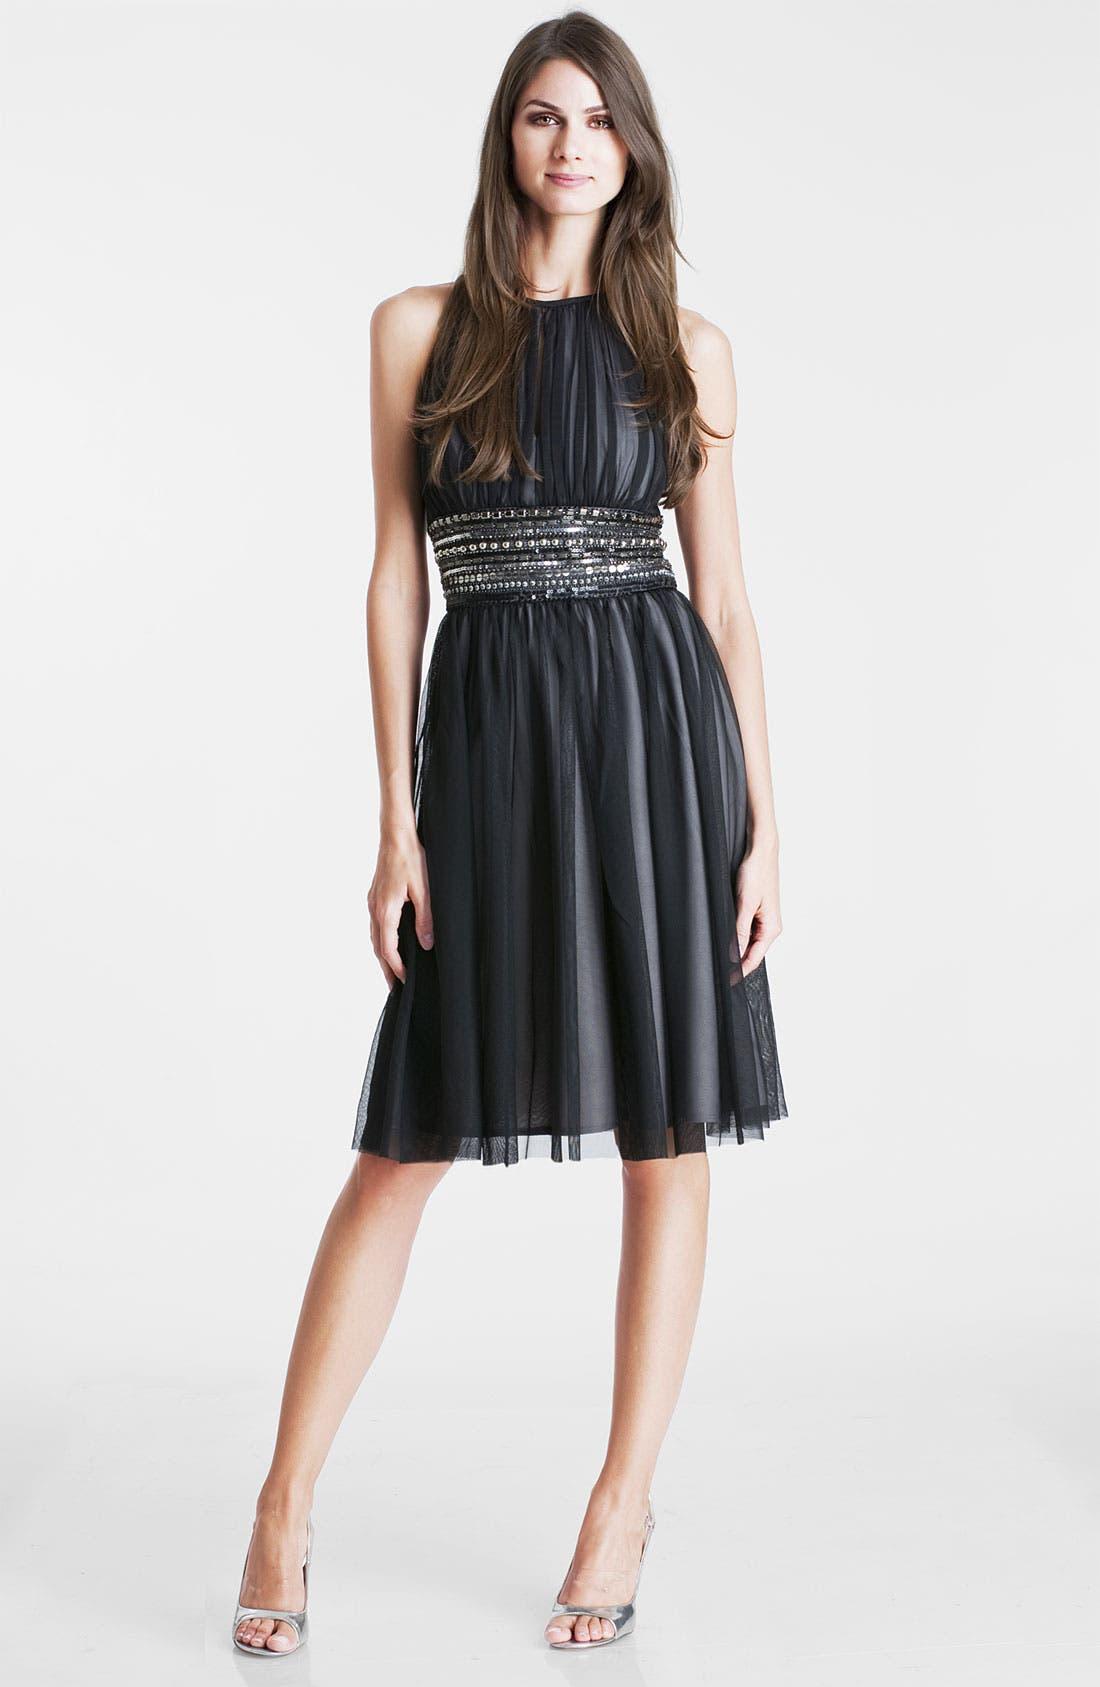 Alternate Image 1 Selected - JS Boutique Embellished Waist Mesh Overlay Dress